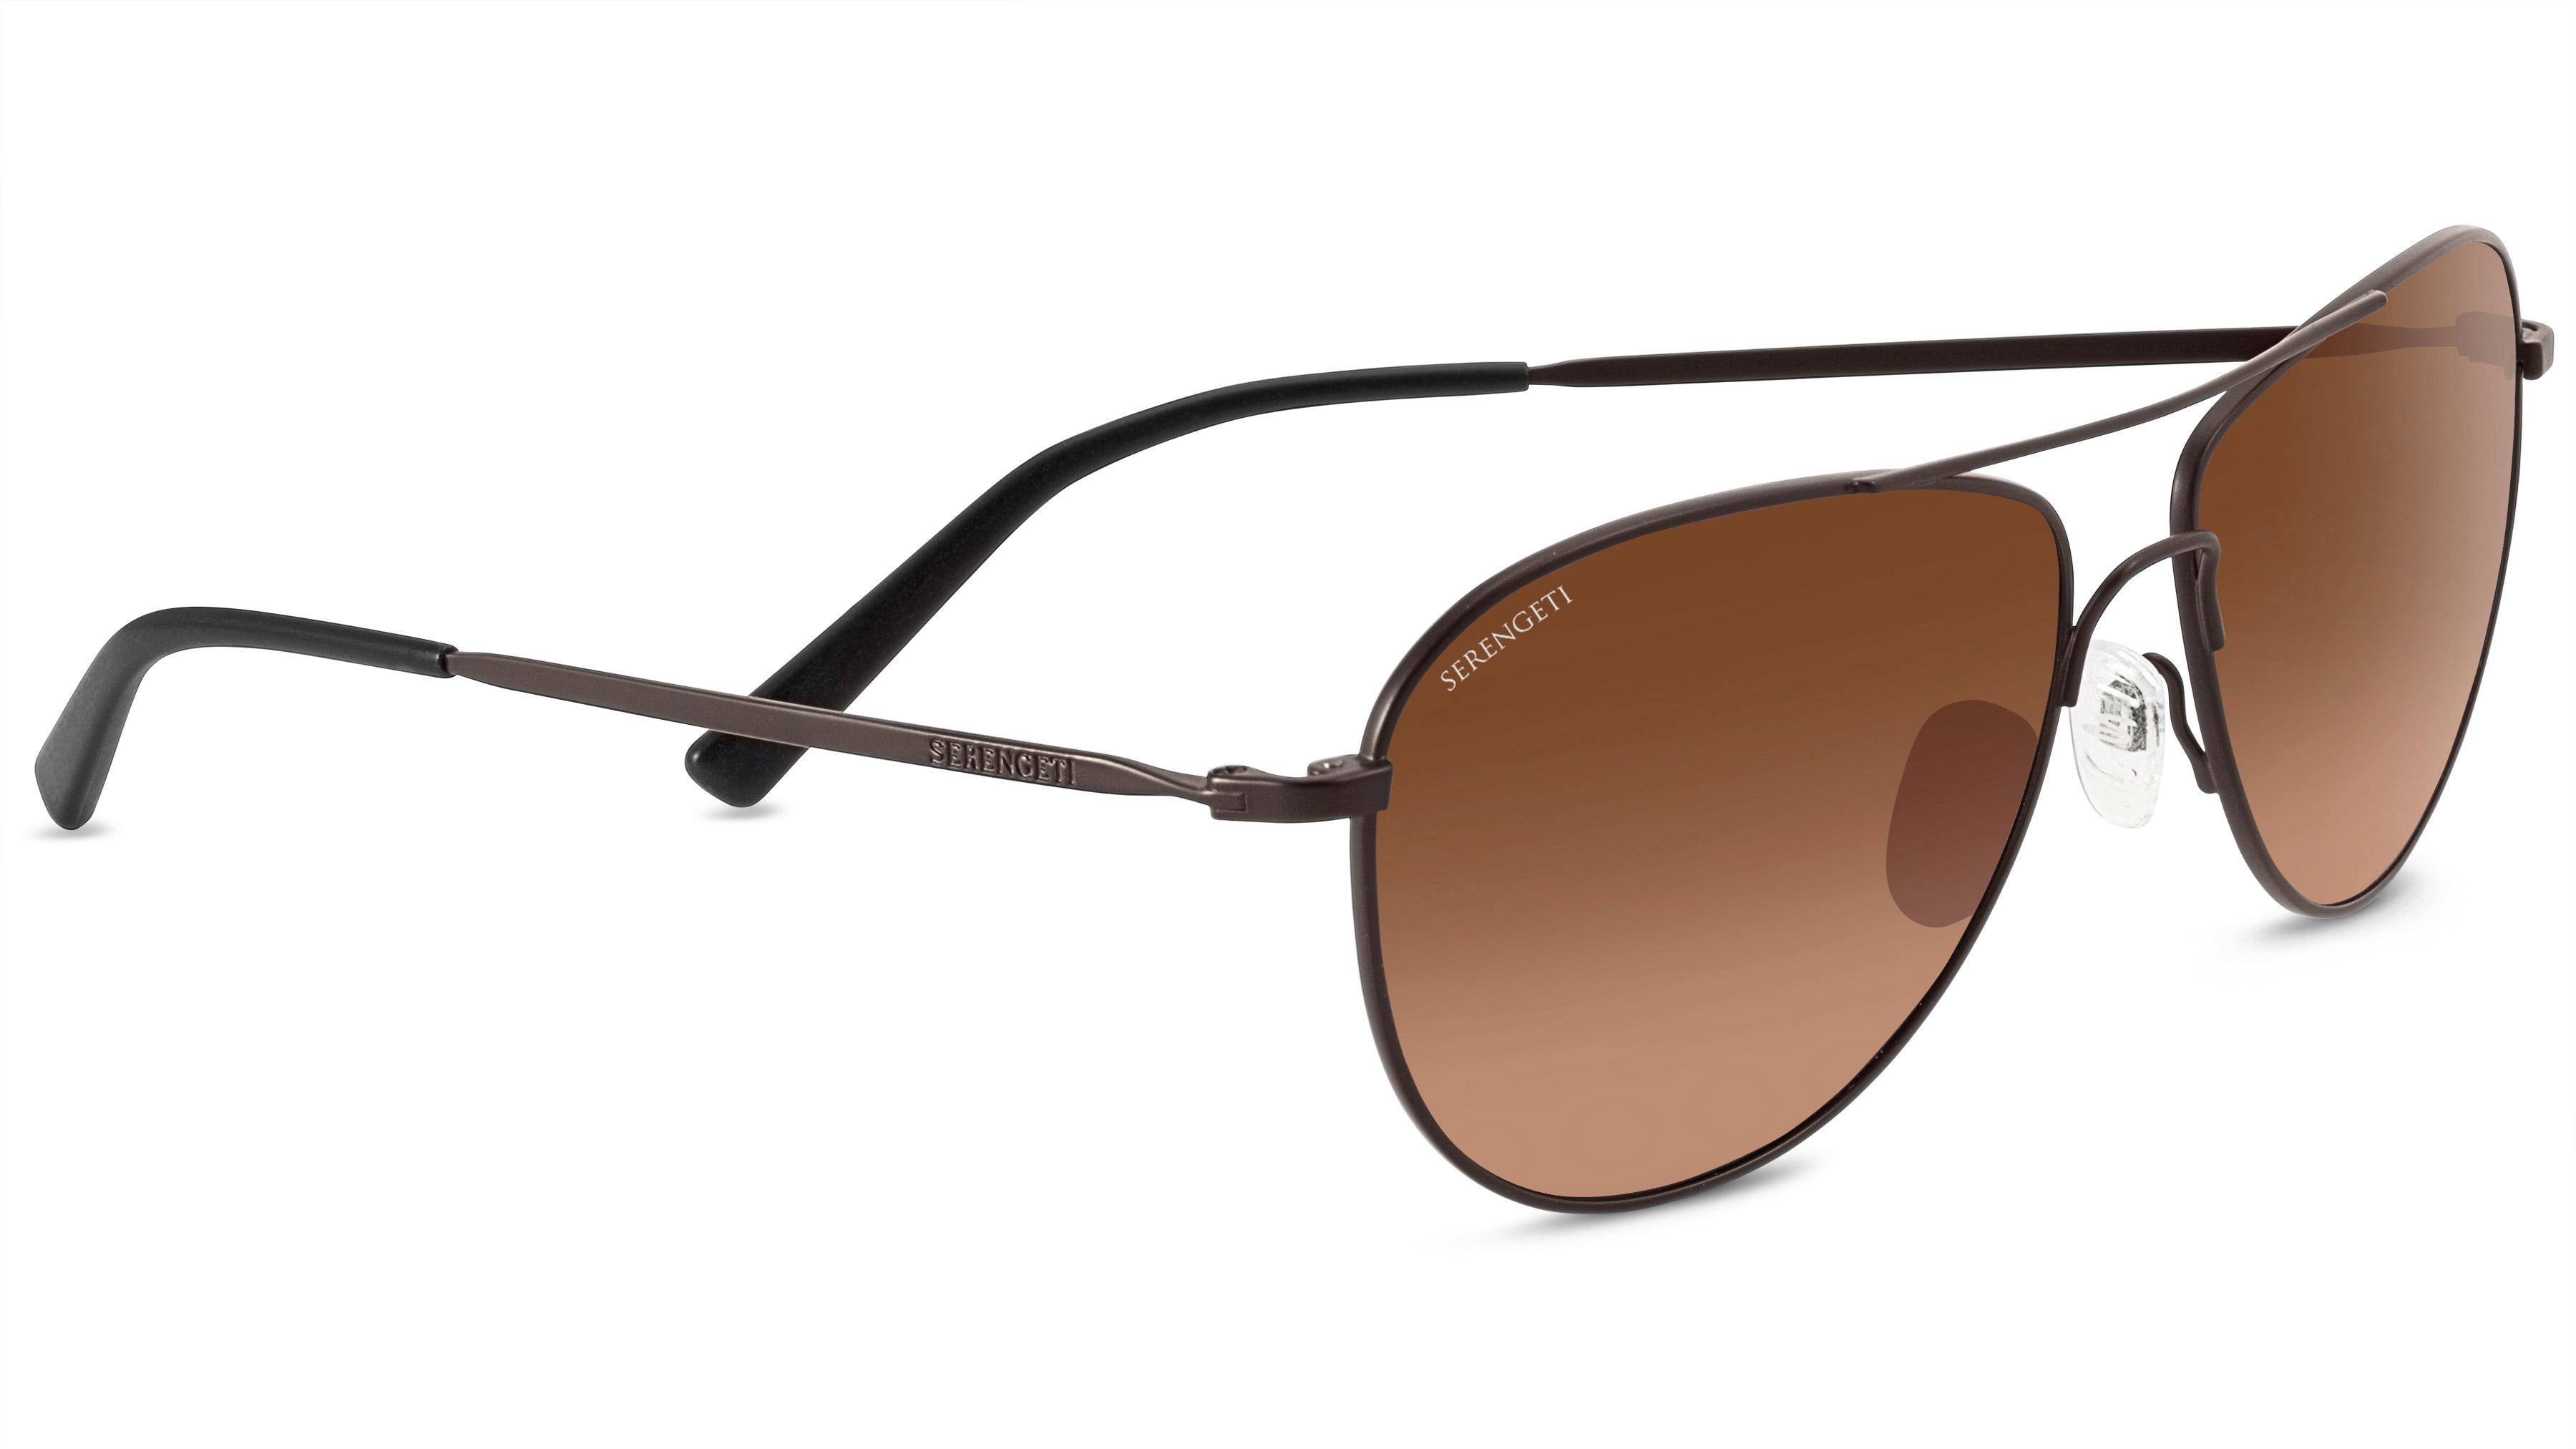 2b31678b38a2 Serengeti Alghero Sunglasses